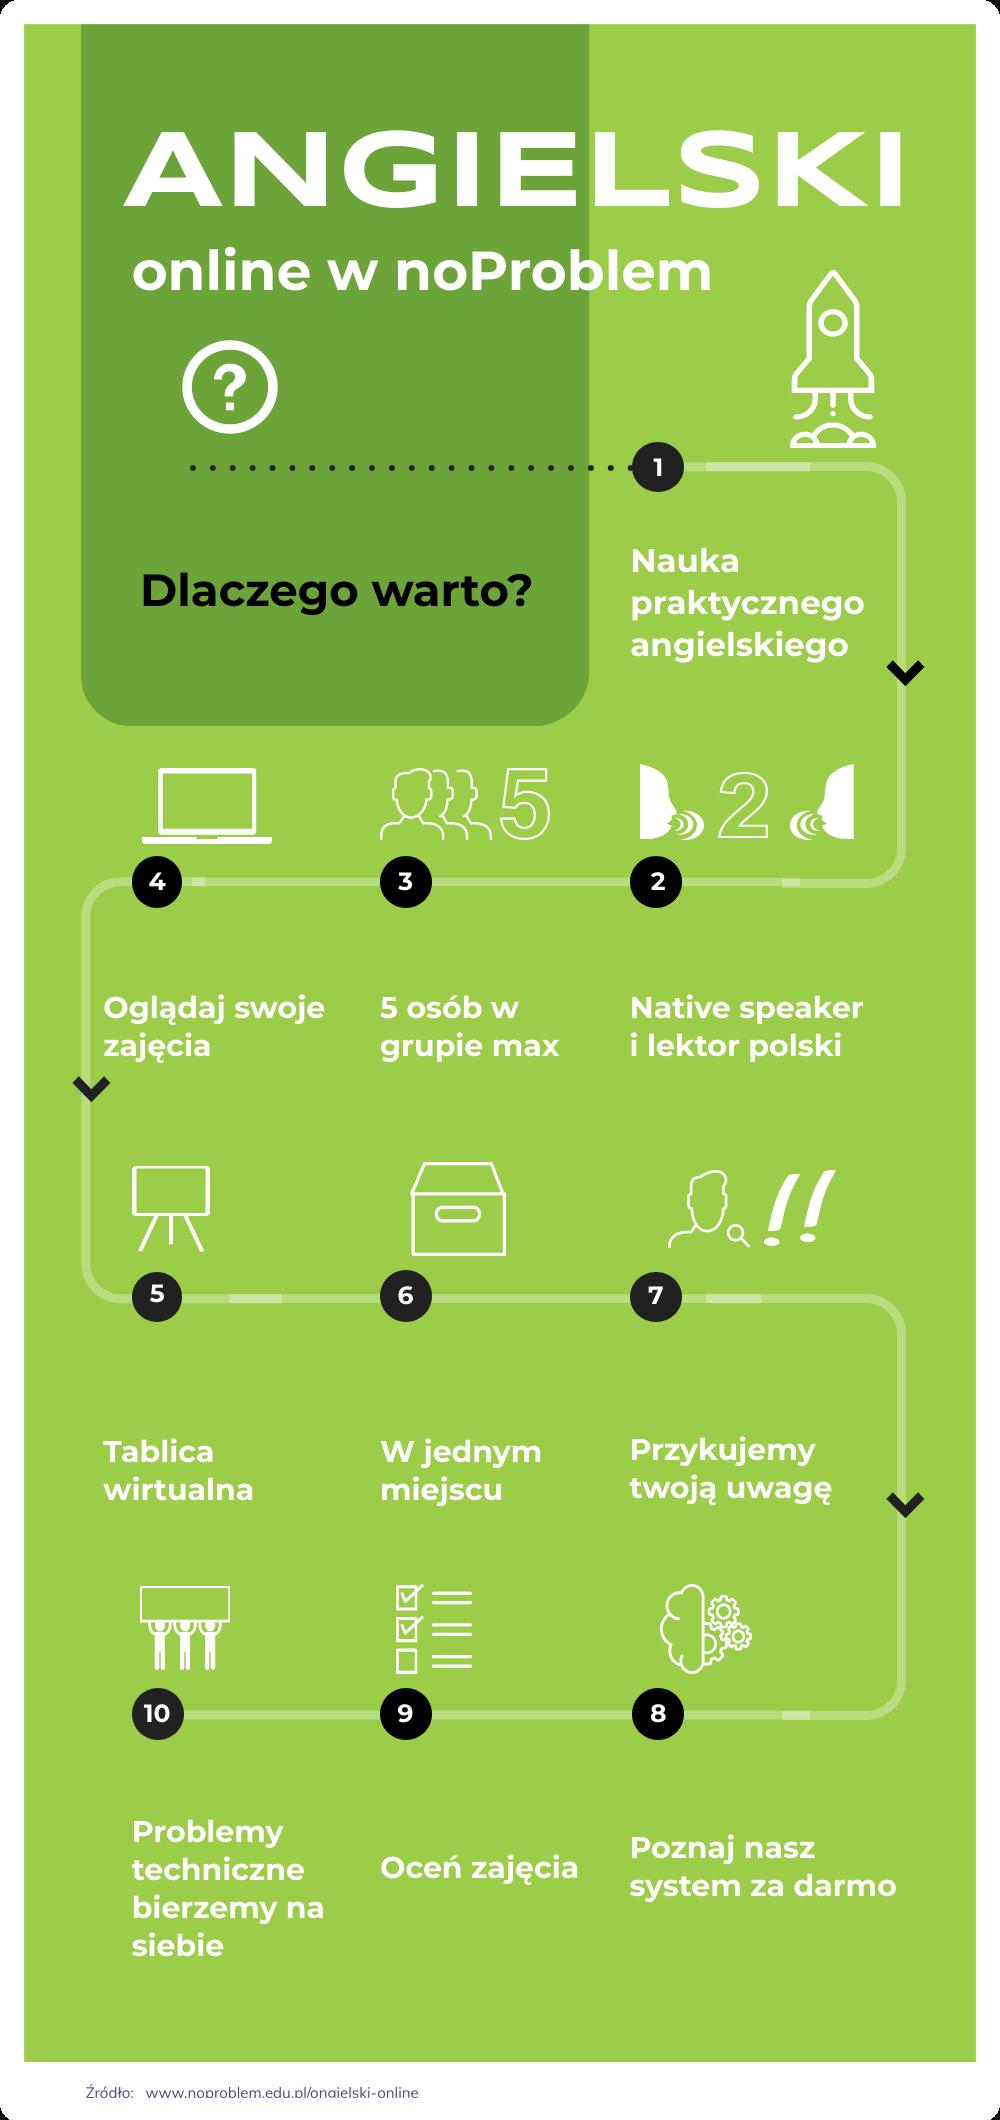 Infografika obrazująca dlaczego warto uczyć się angielskiego online w noProblem